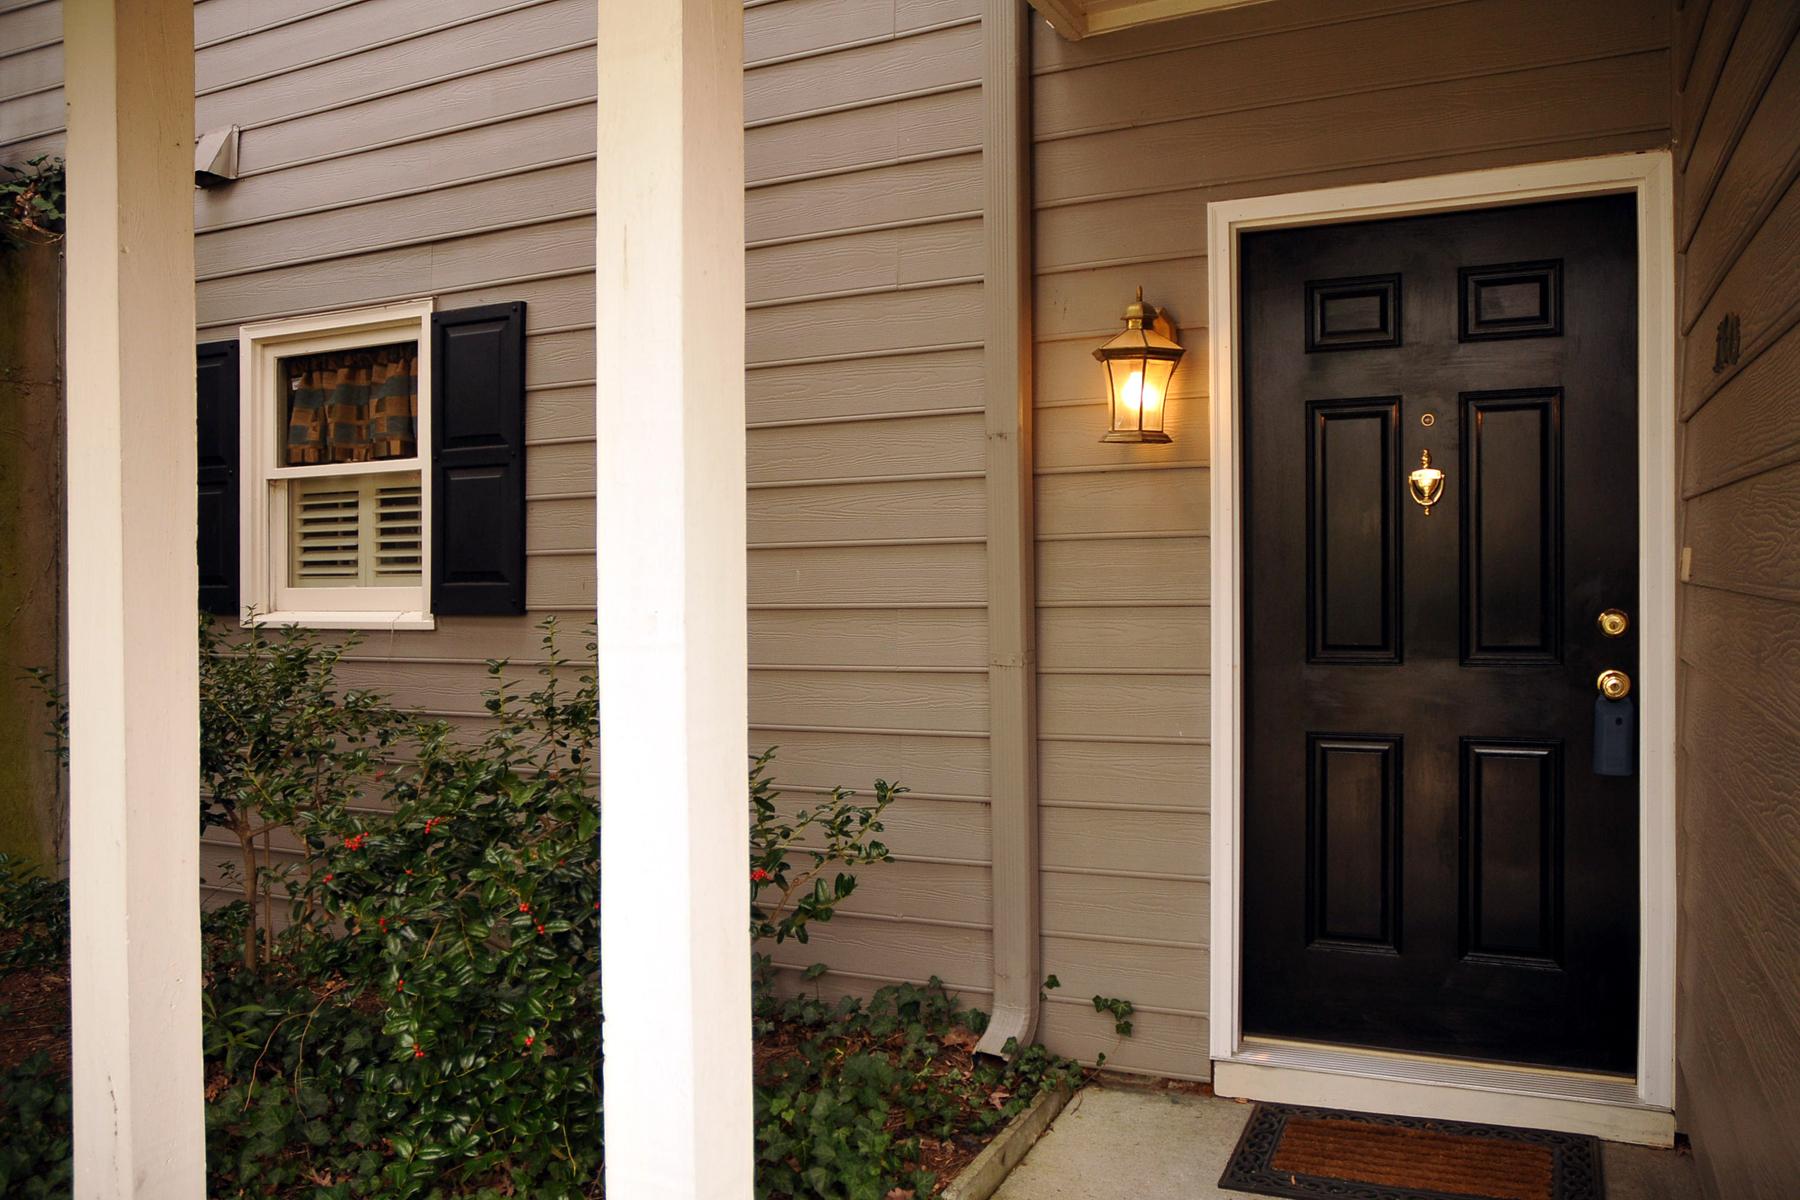 Кондоминиум для того Продажа на Very Private Ground Floor Unit 1100 Camden Court Atlanta, Джорджия, 30327 Соединенные Штаты